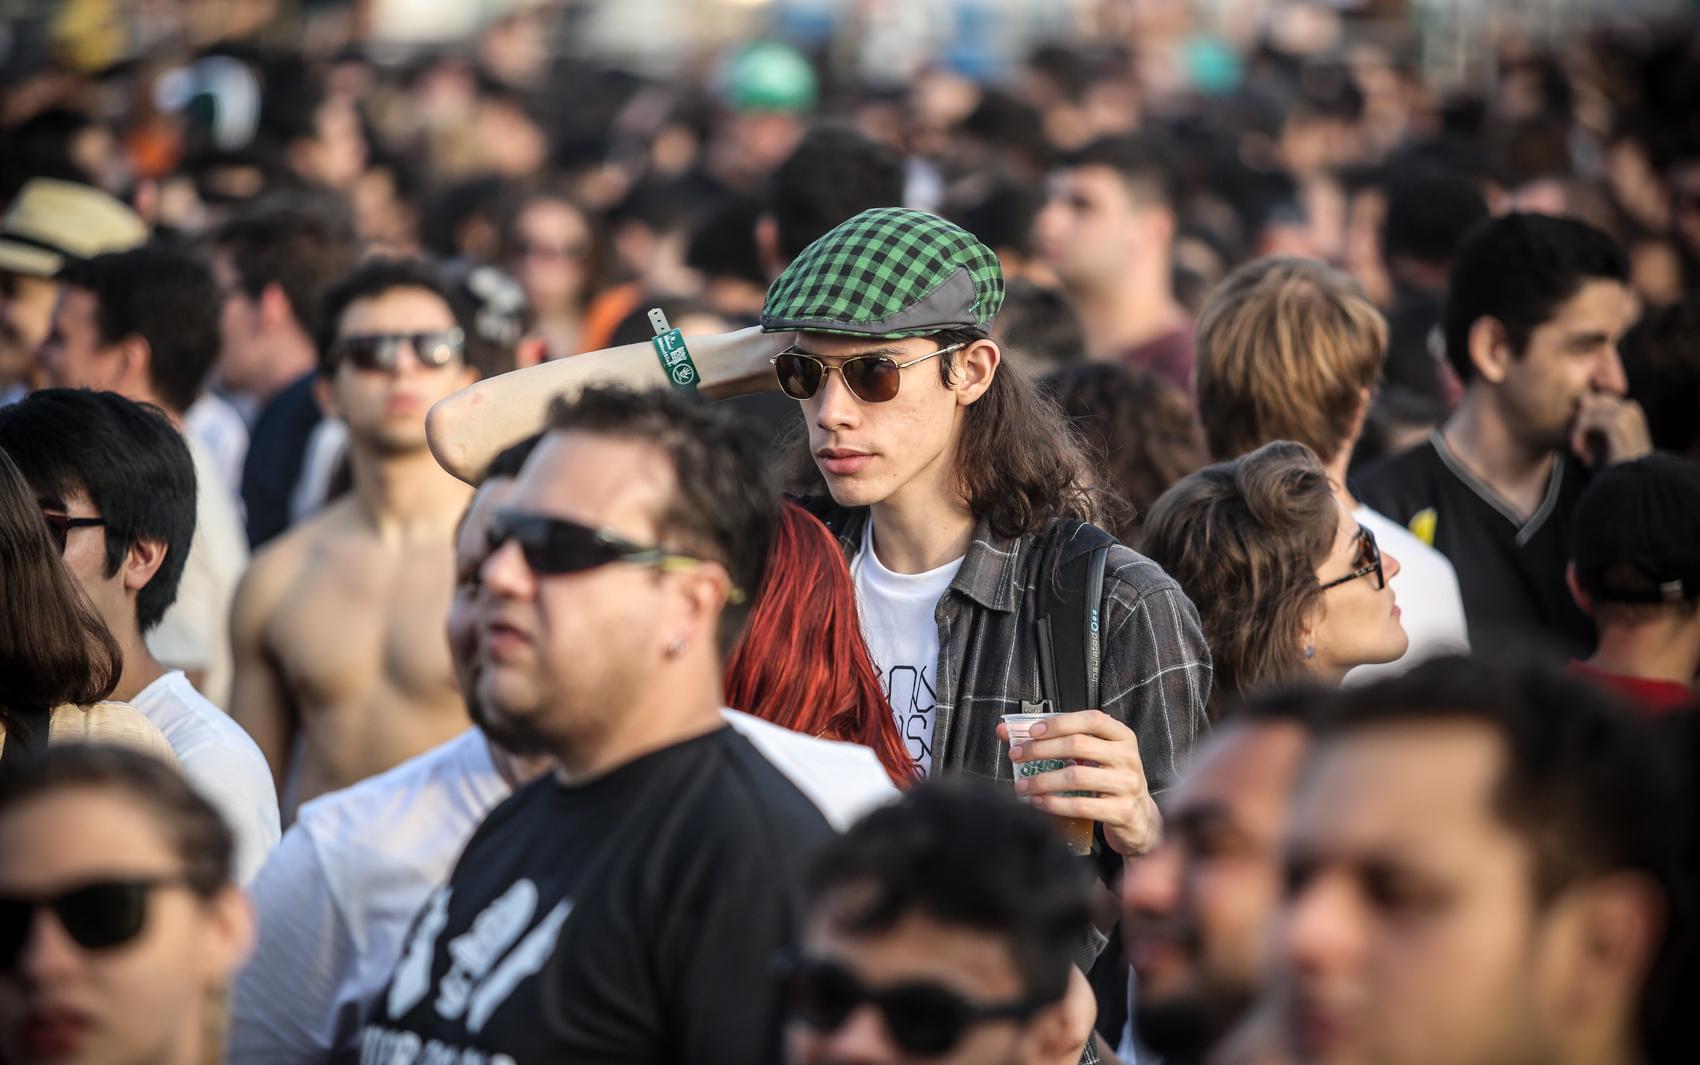 Garoto com cabelo comprido assiste ao terceiro dia de show no Lollapalooza